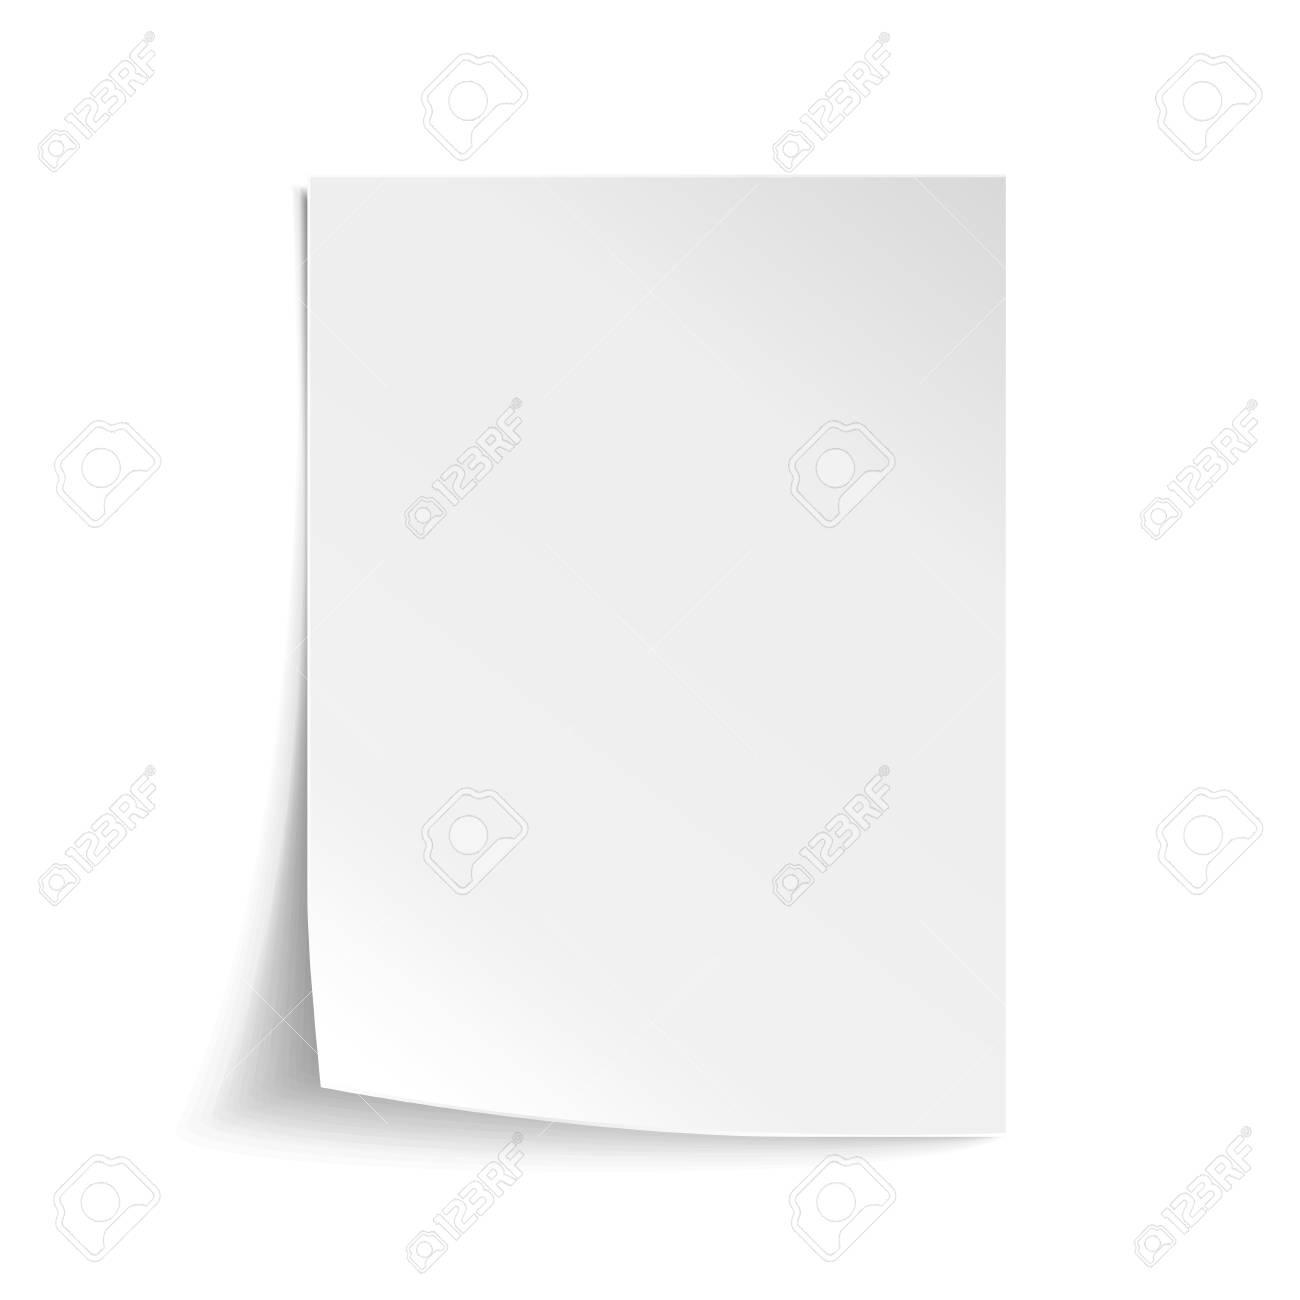 Gemütlich Eingefasste Papiervorlage Galerie - Entry Level Resume ...